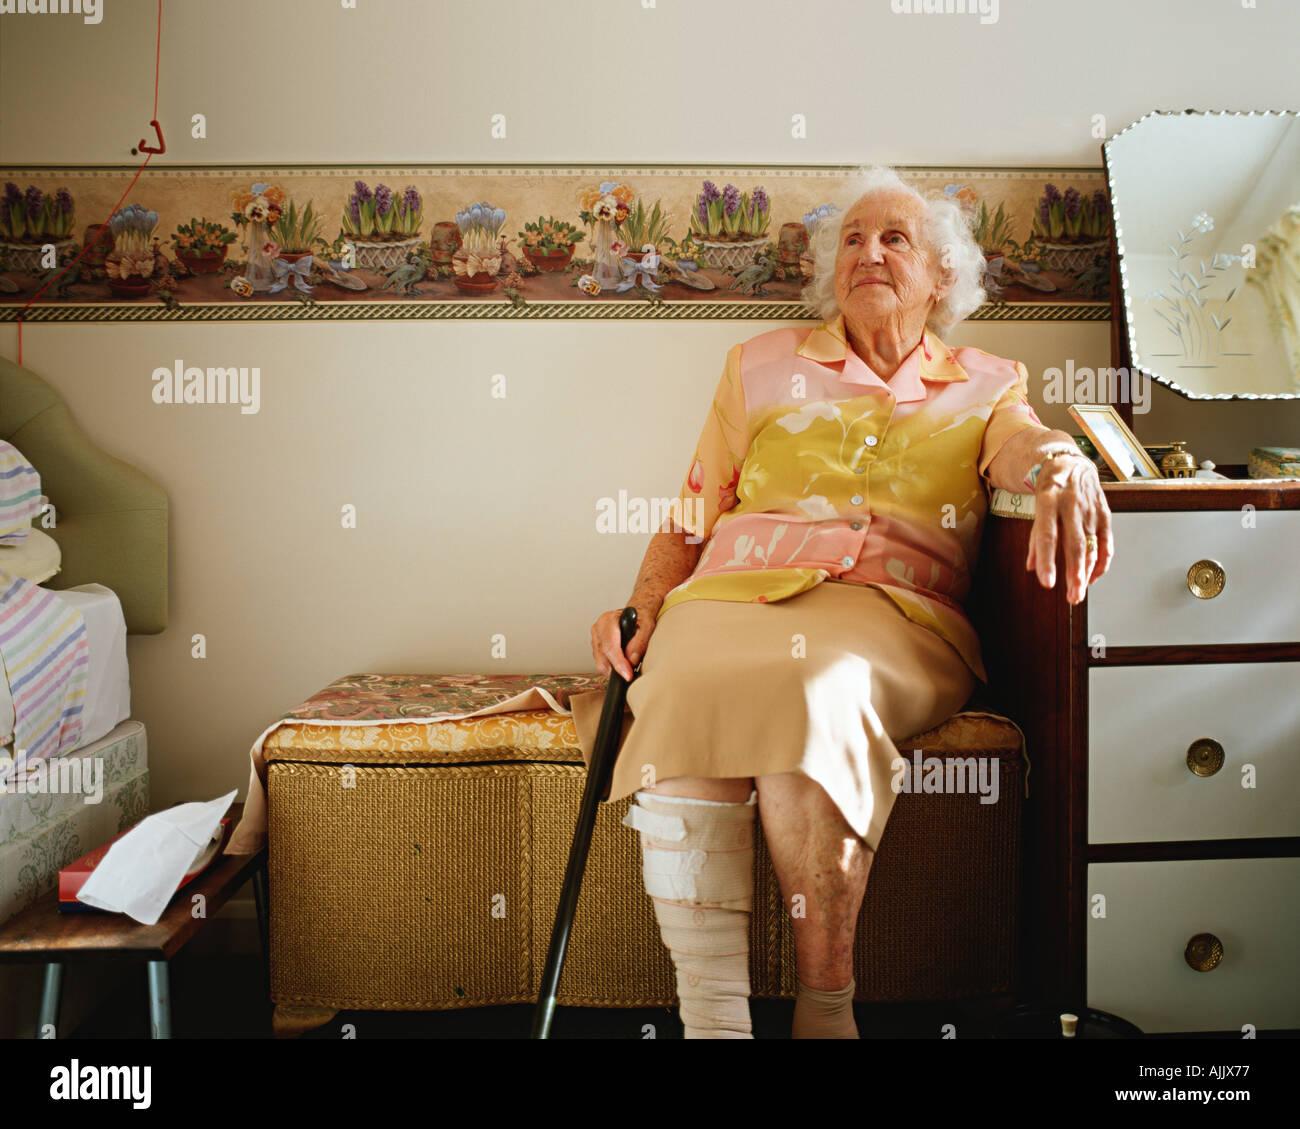 Elderly woman in her room Stock Photo